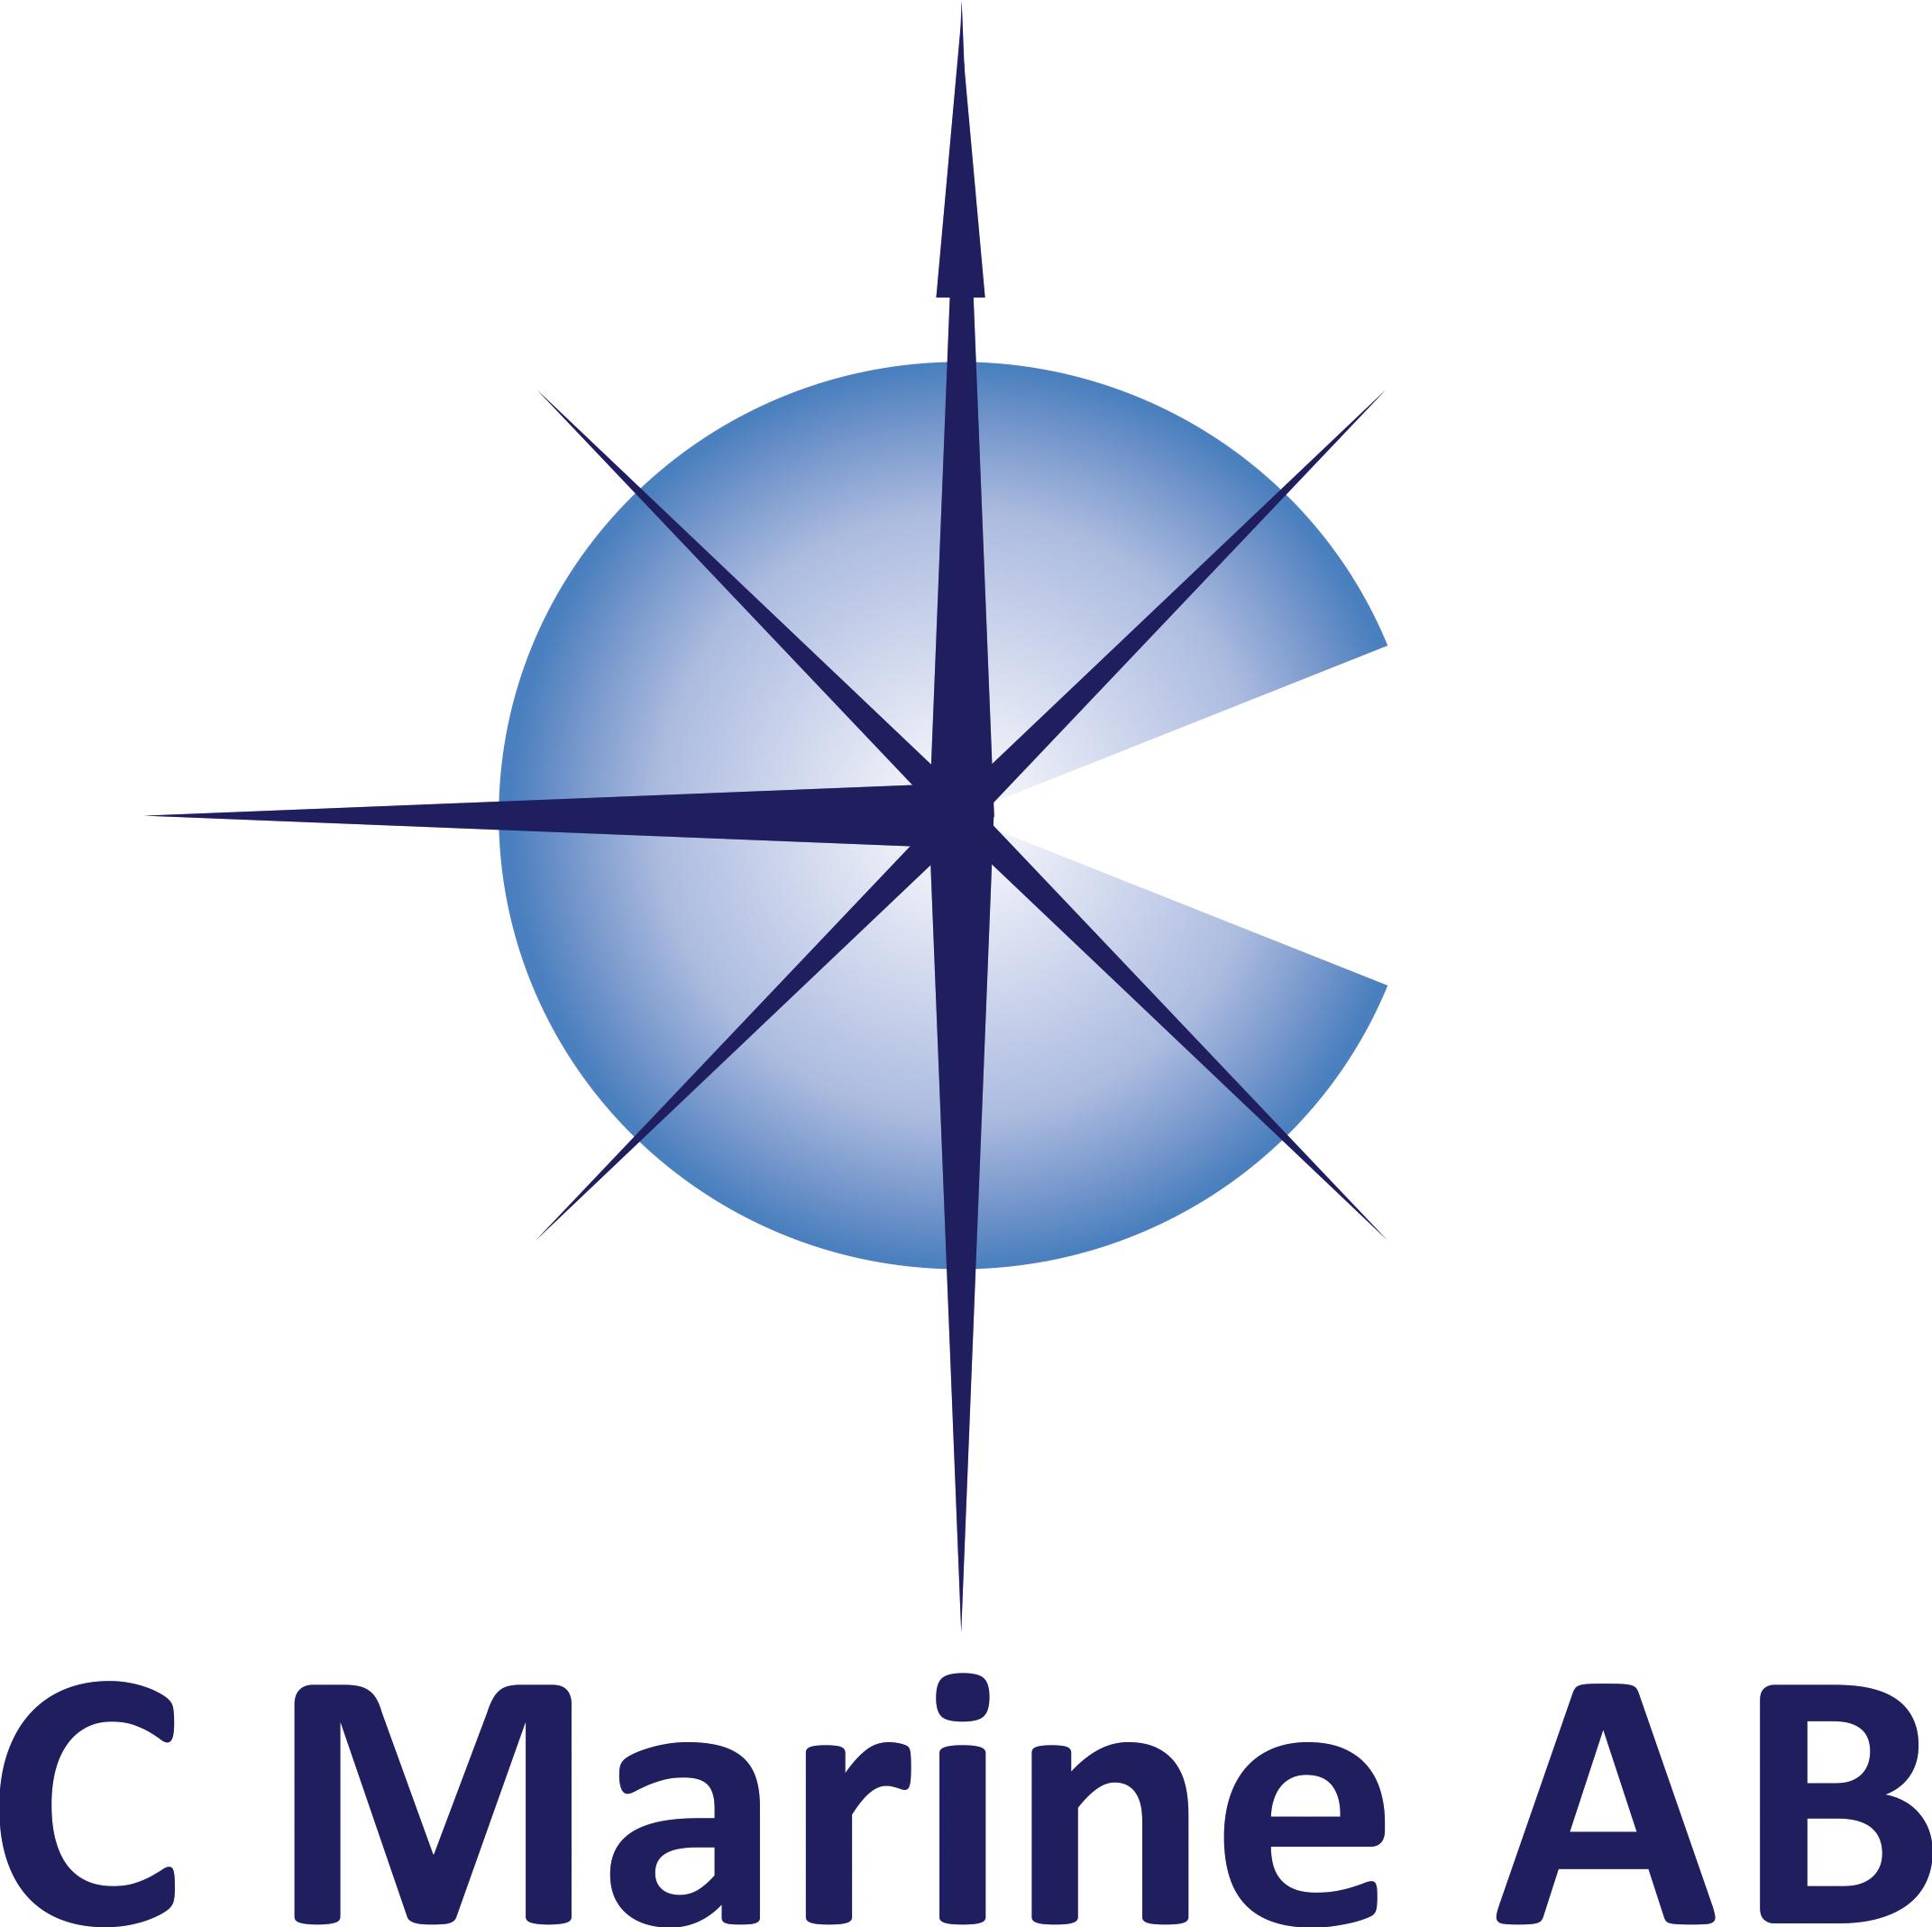 C Marine AB logo